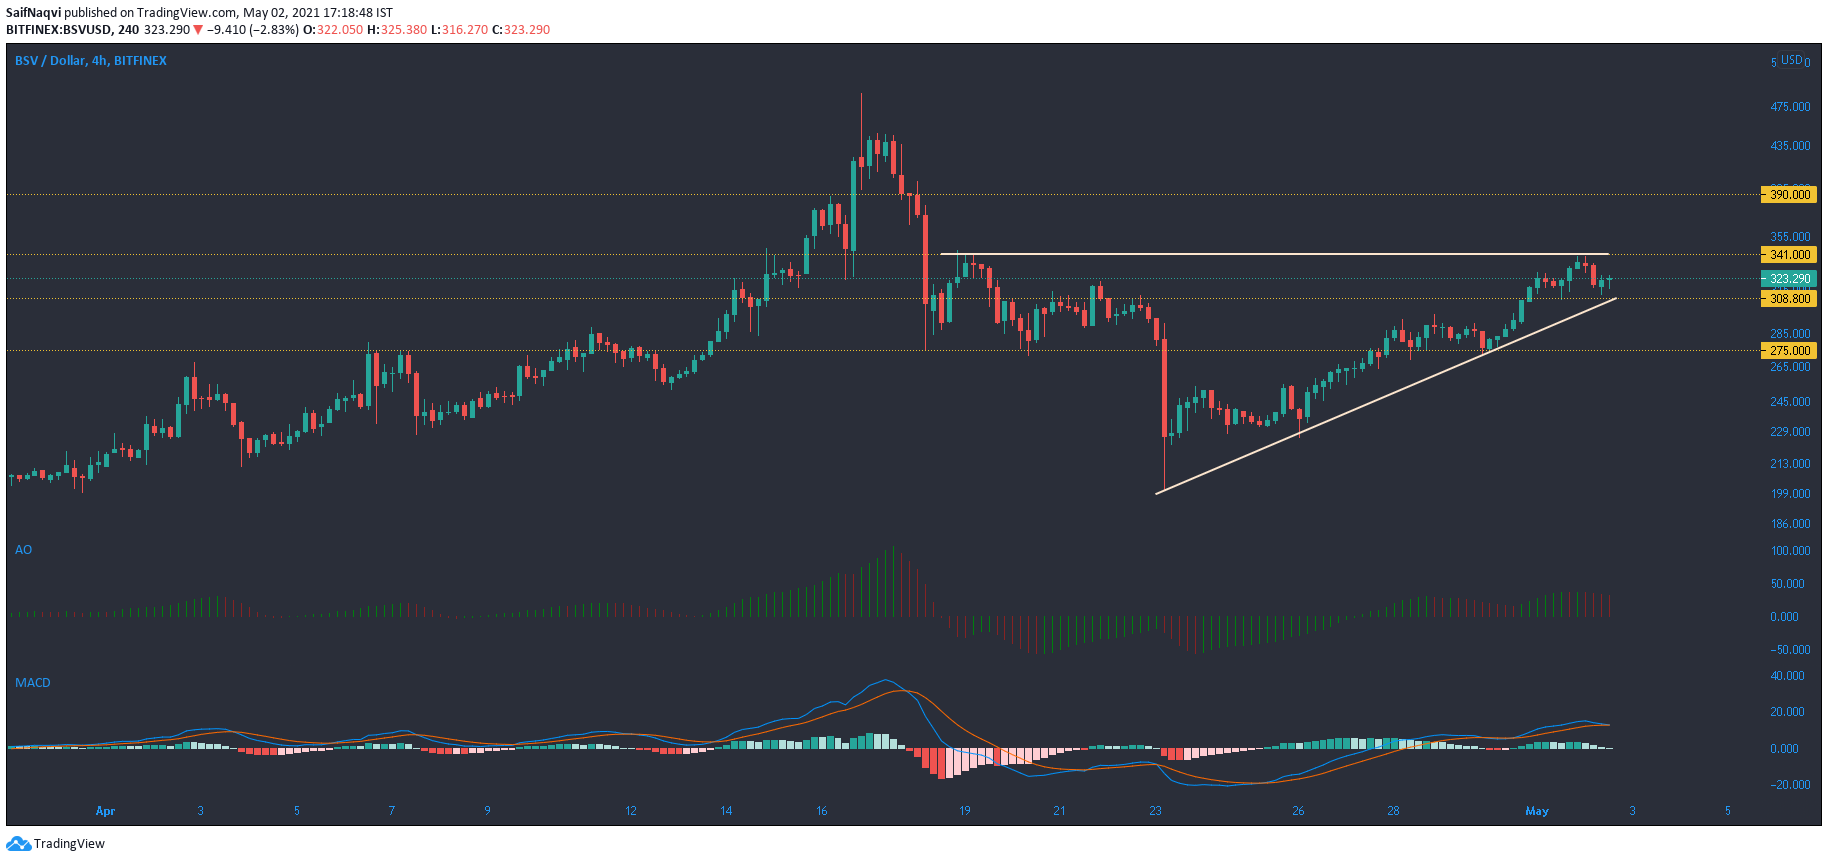 Análisis de precios de Bitcoin SV, Litecoin, Polkadot: 02 de mayo